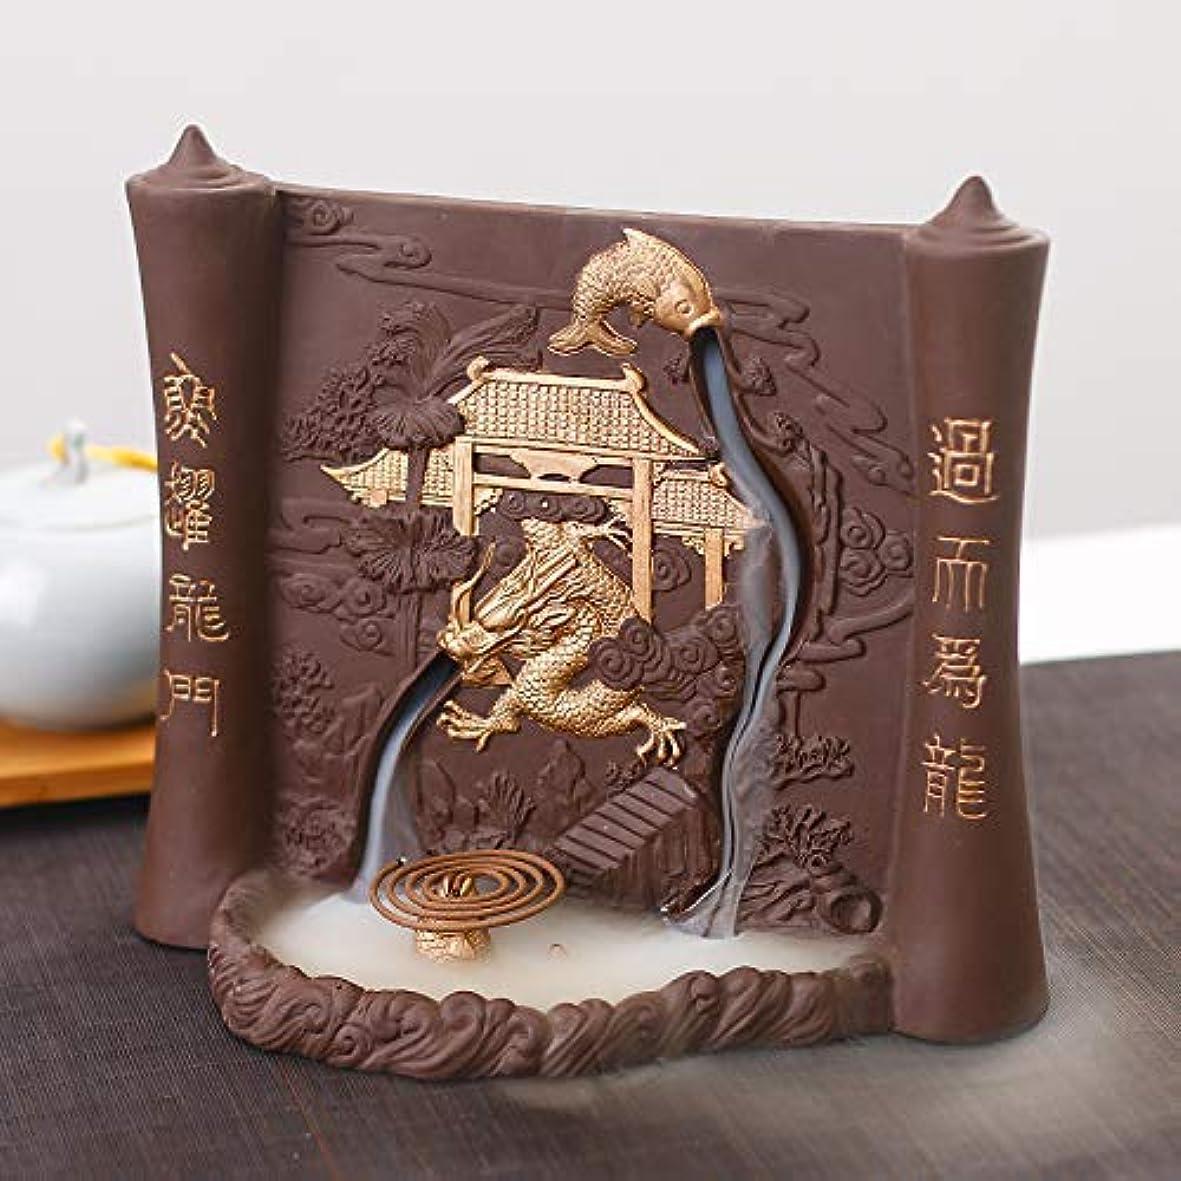 膨らみ排除トークPHILOGOD 香炉 陶器漢字彫刻レリーフ手作り逆流香炉 線香立て デュアルユース お香 ホルダー